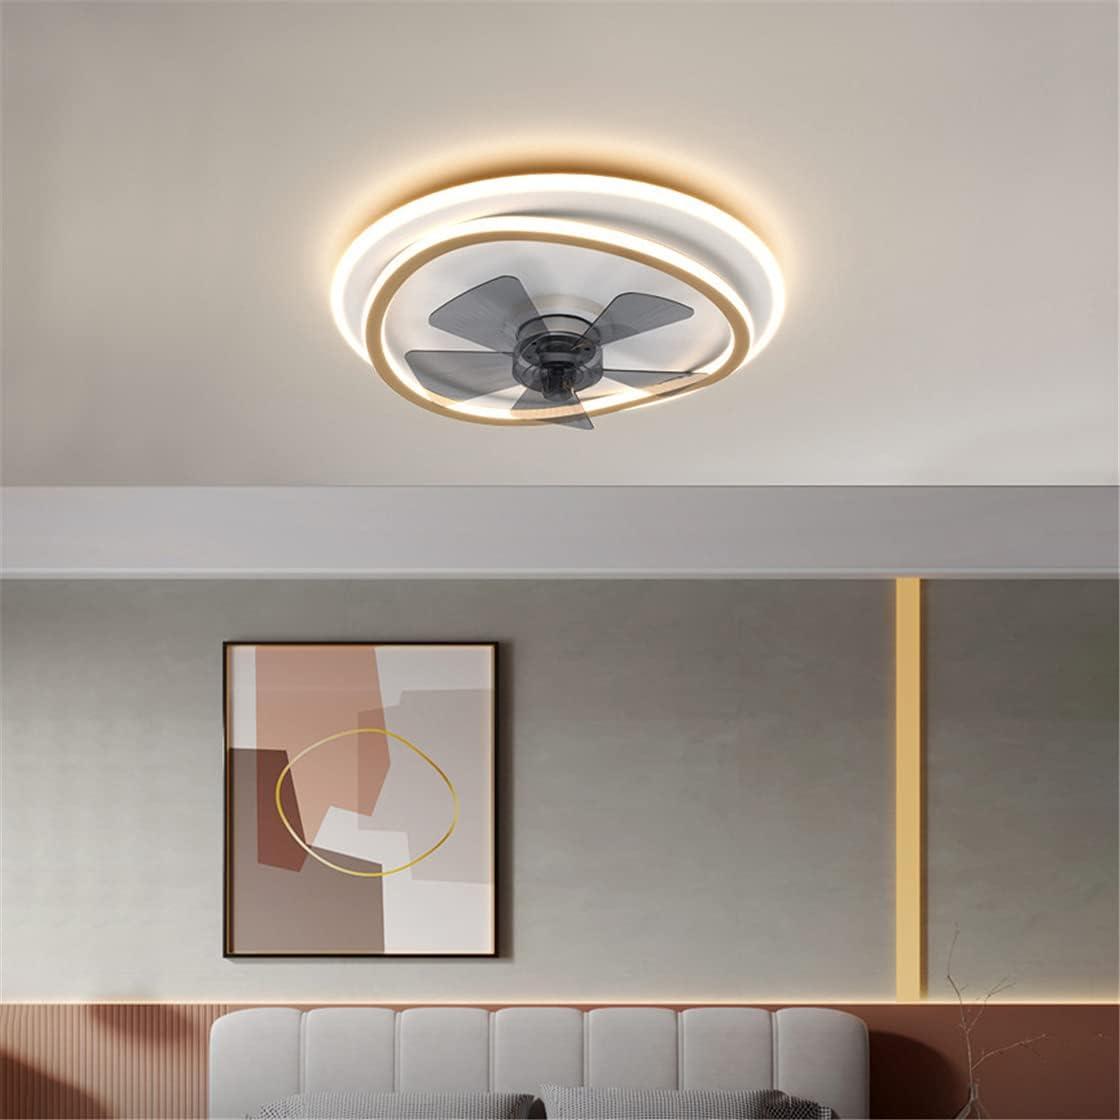 OMGPFR Luz de Techo Simple con Ventilador, Ø45 CM Silencio y Control Remoto Regulable Iluminación de Ventiladores de Techo Reversibles Luces de Velocidad del Viento Ajustables Lámpara led